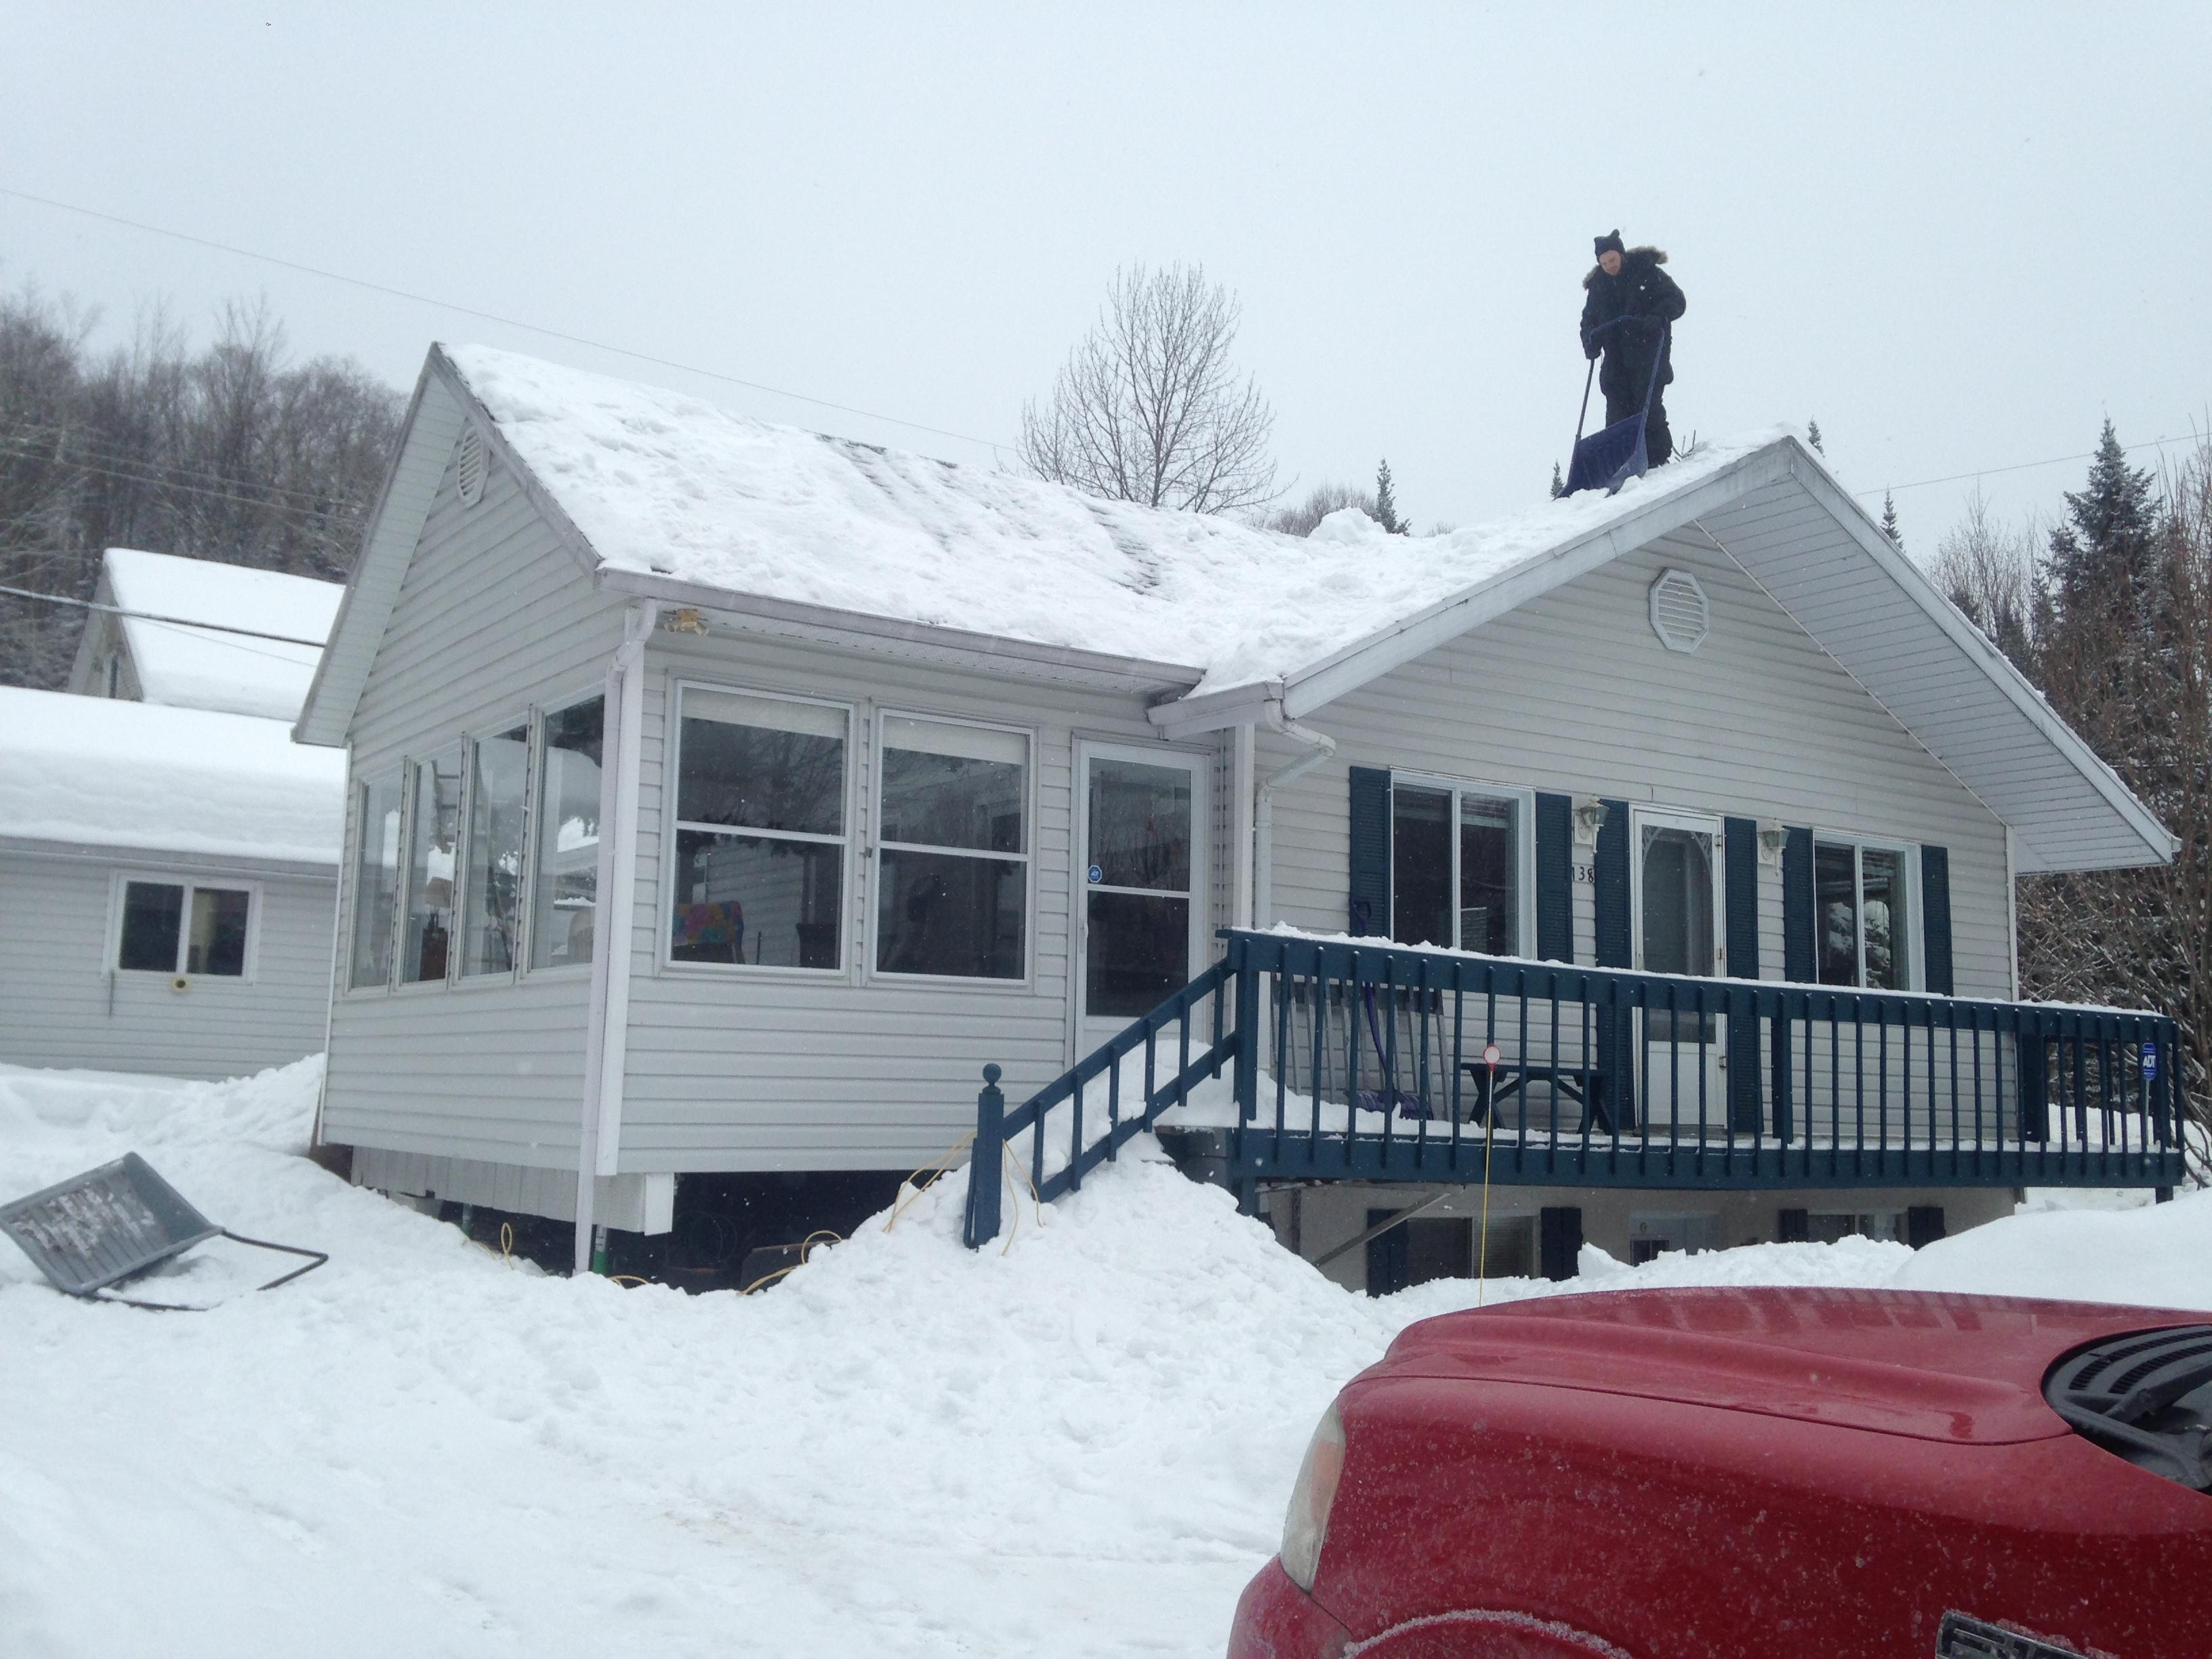 Combien coute un toit de maison ventana blog for Combien coute de faire construire une maison de 100m2